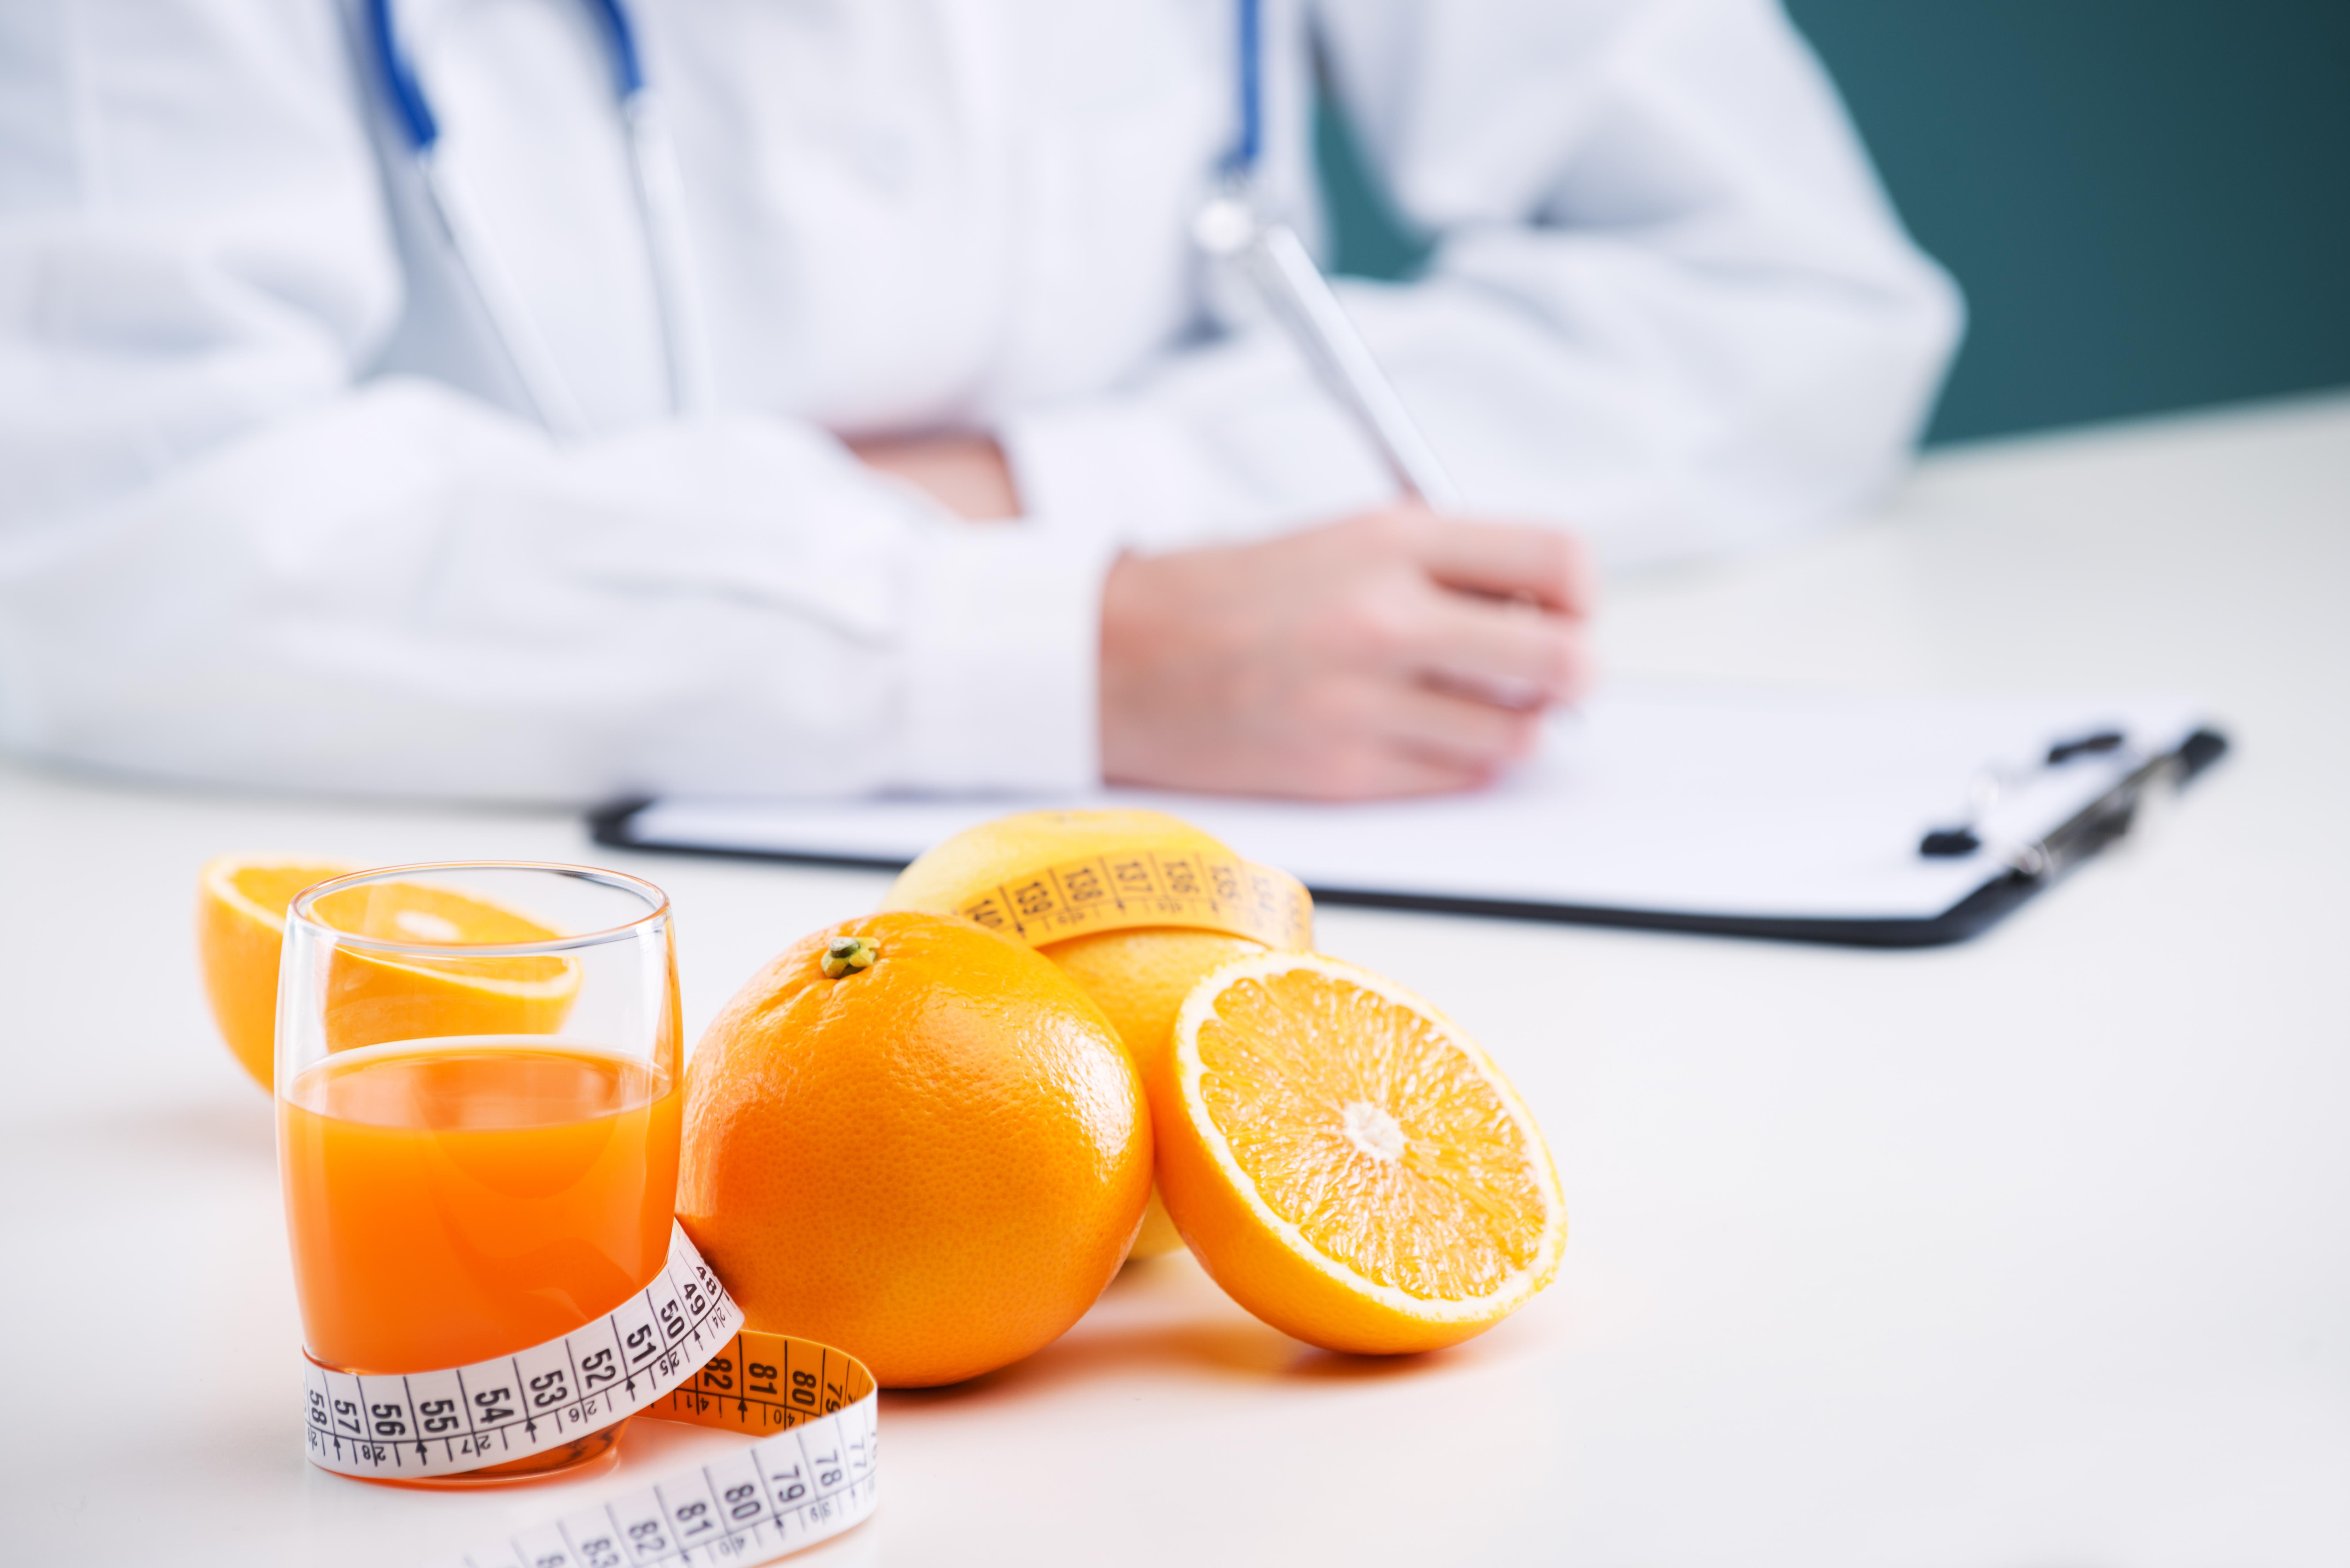 La importancia de la vitamina C en personas fumadoras